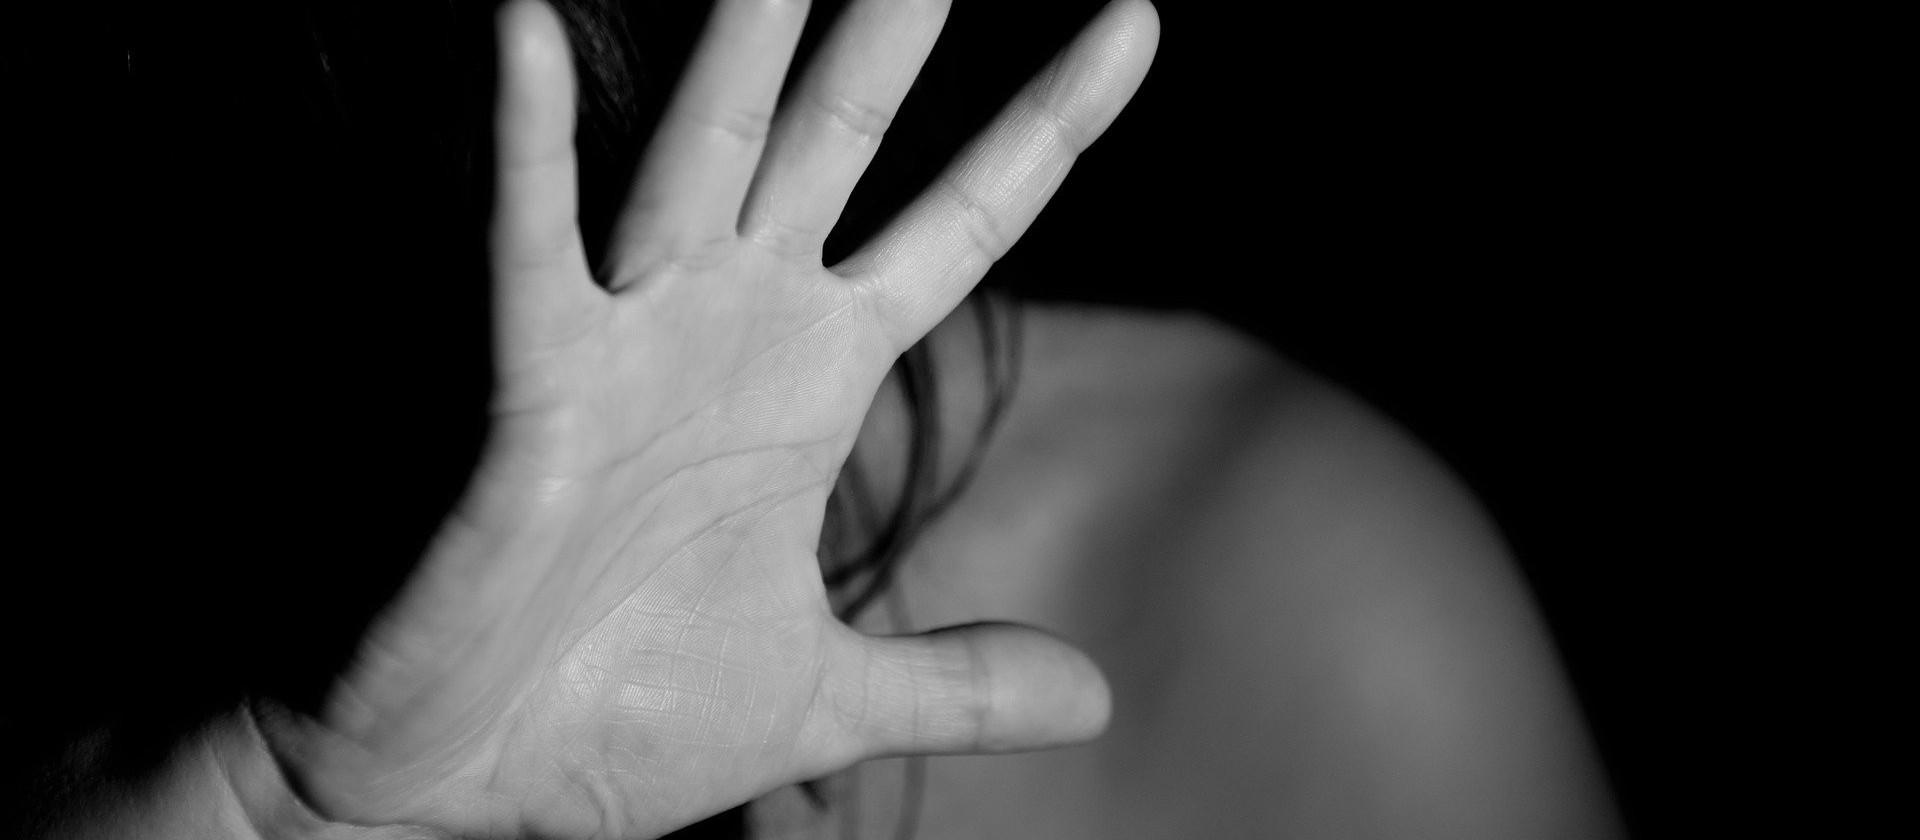 Violência contra a mulher, uma pandemia